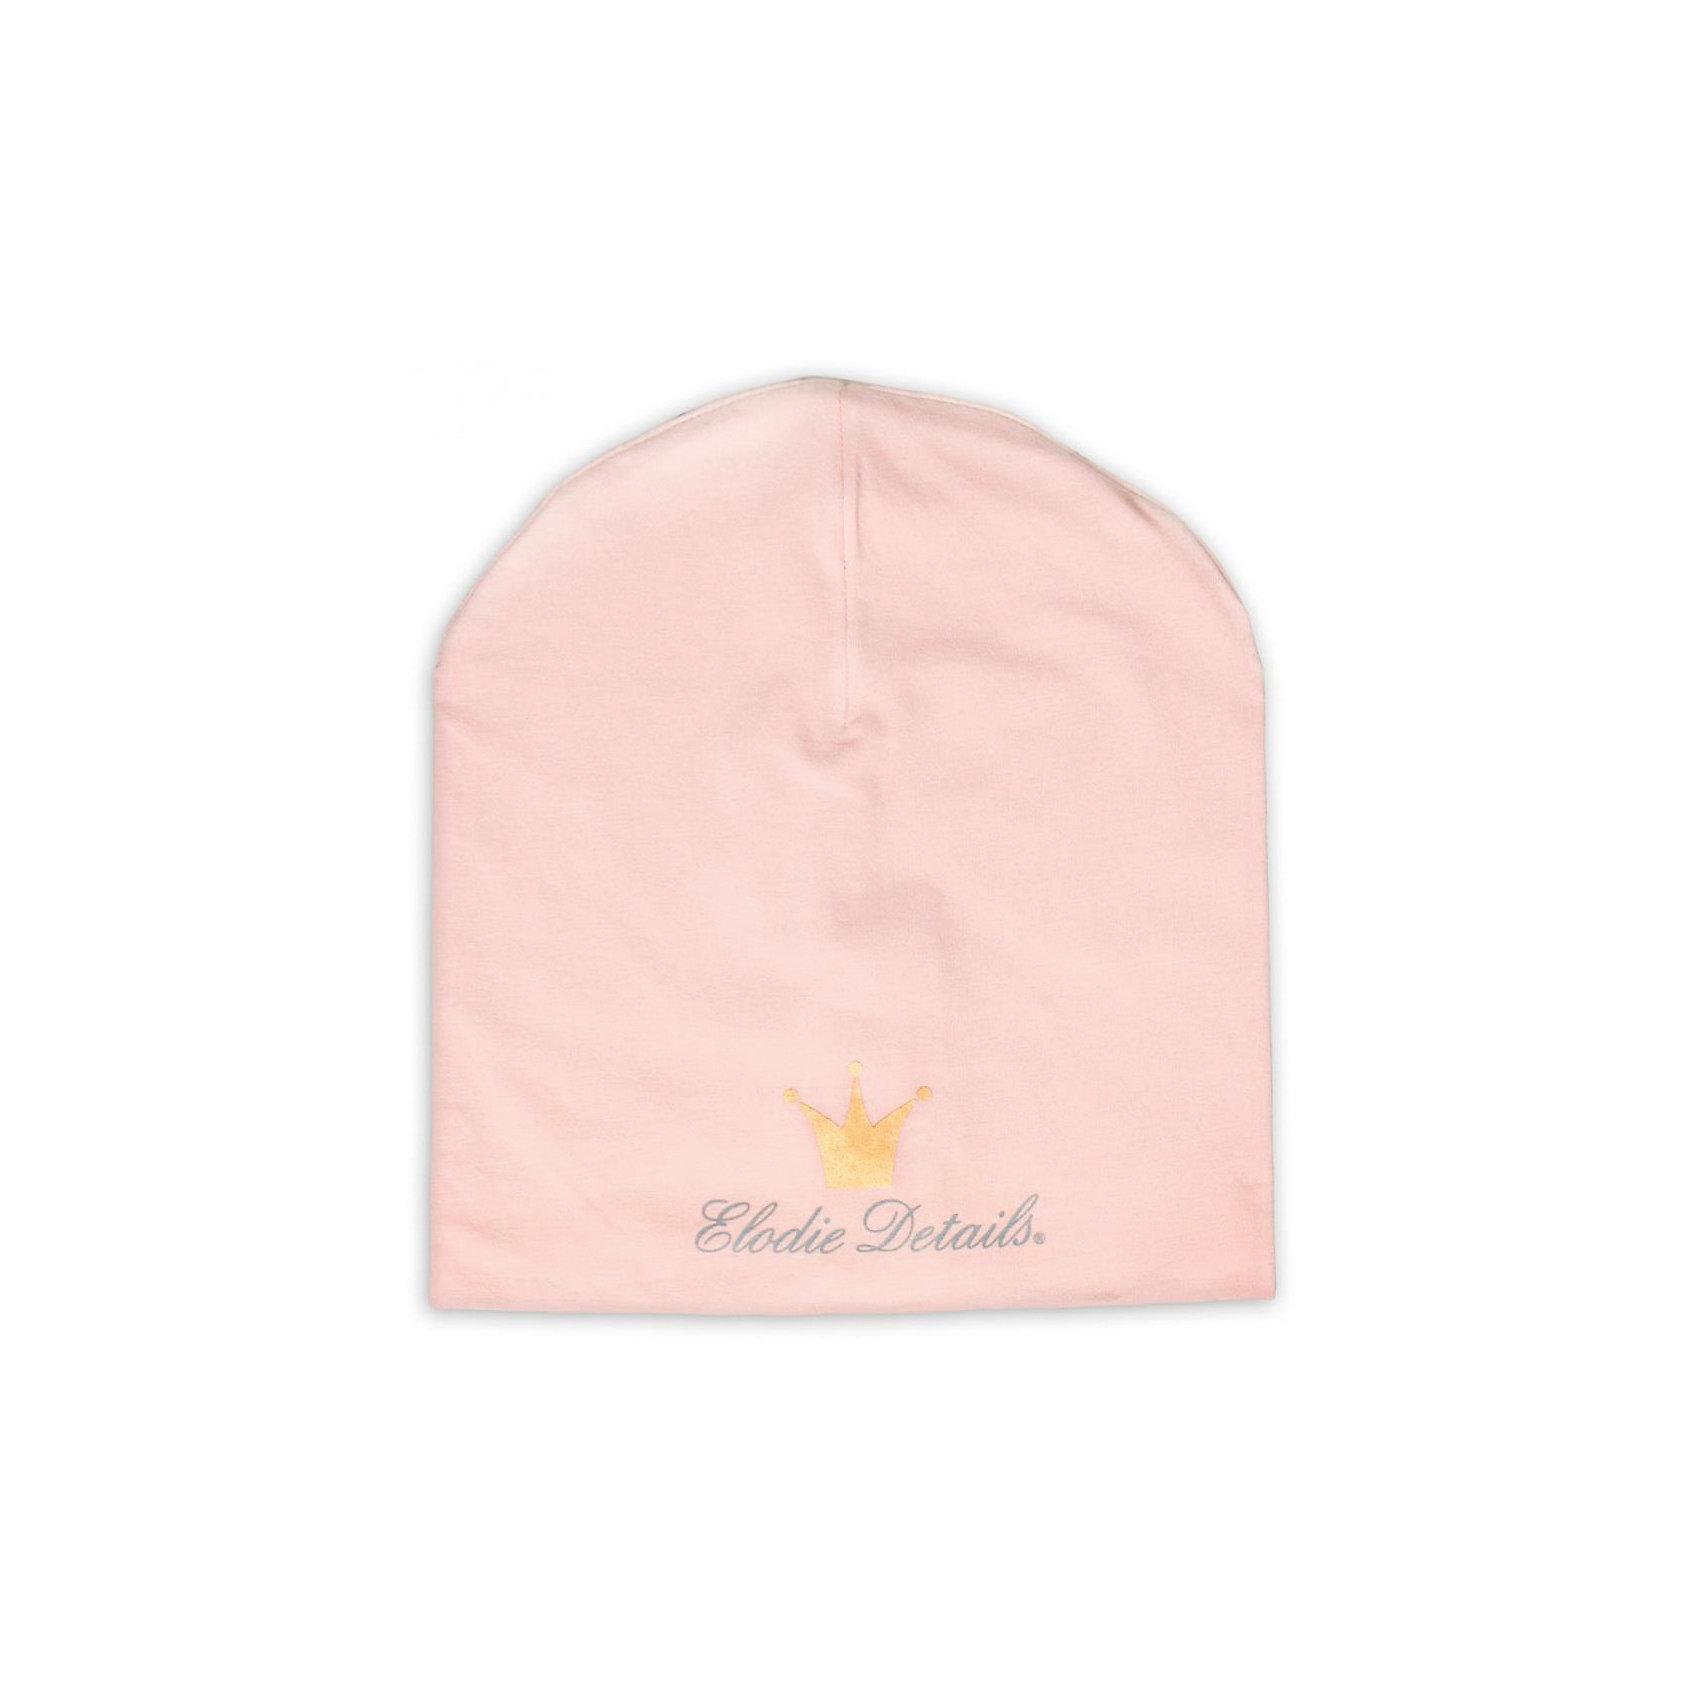 Elodie Details Шапка Powder Pink  р. 0-6 мес., Elodie Details elodie details шапка dot р 0 6 мес elodie details